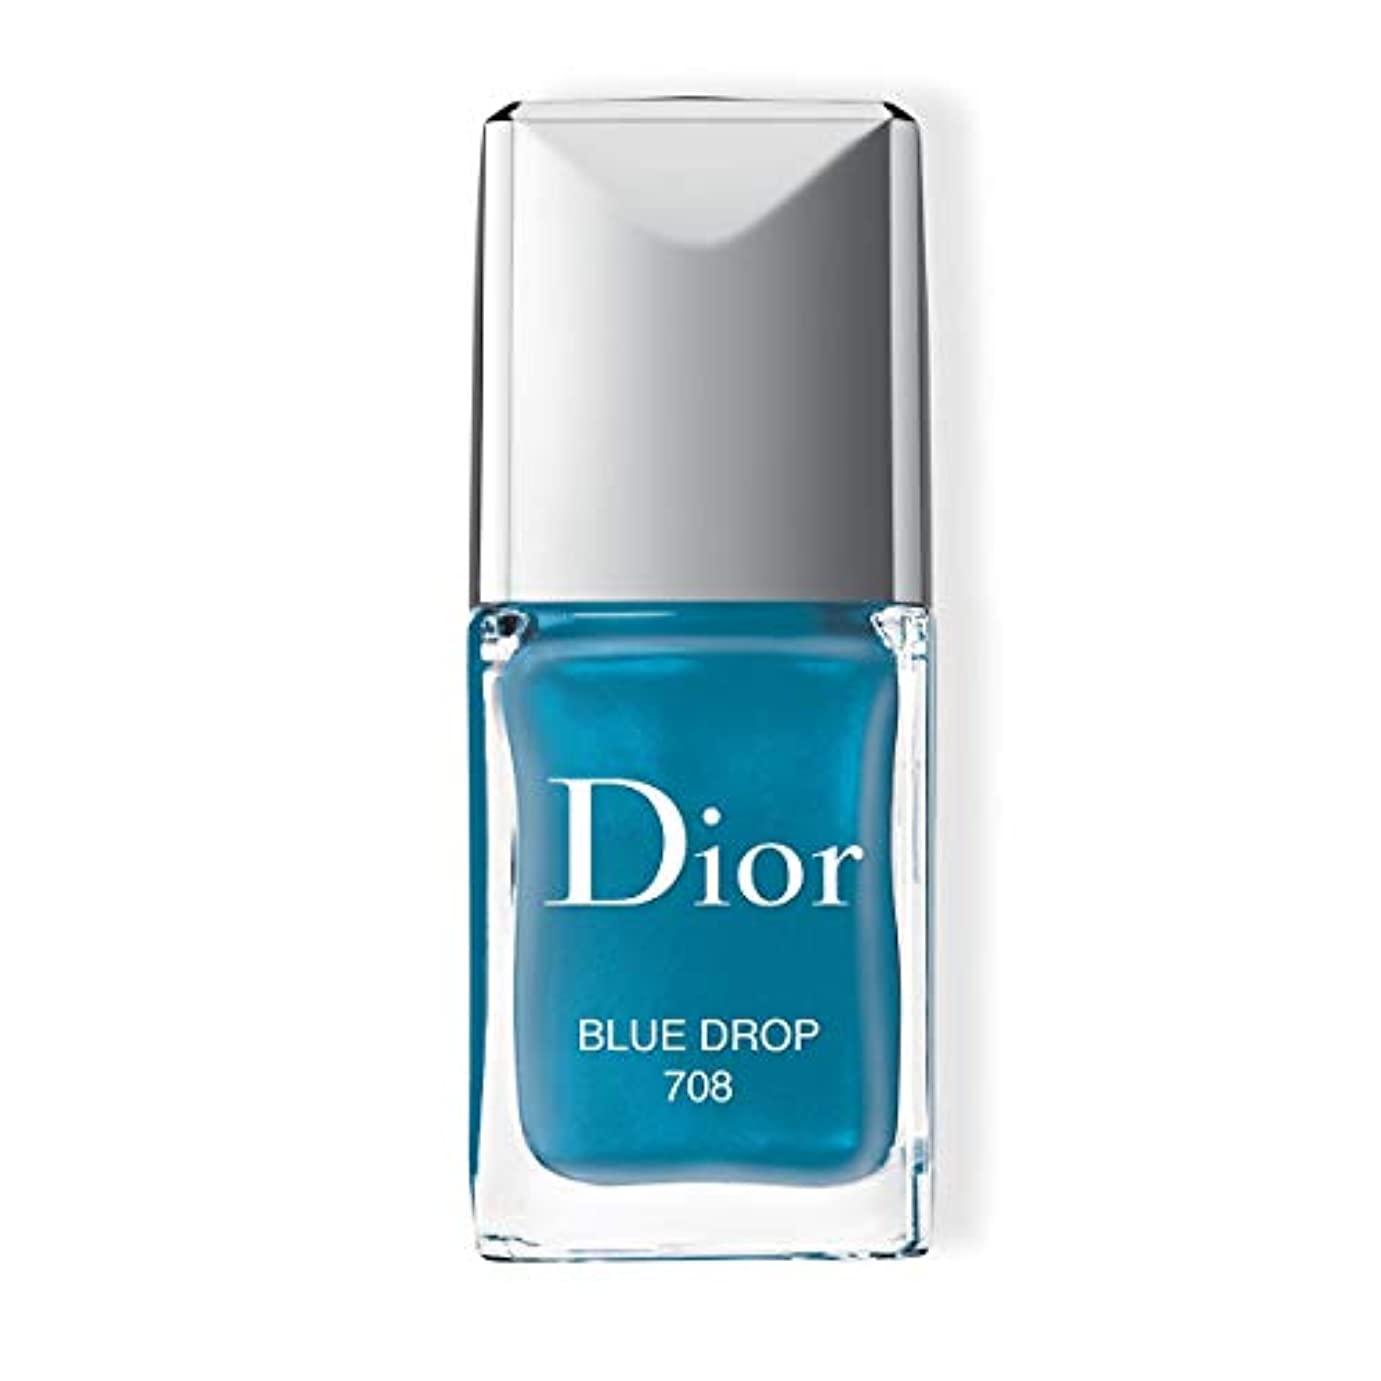 のスコア原子もしDior(ディオール) ディオール ヴェルニ (708 ブルー ドロップ)